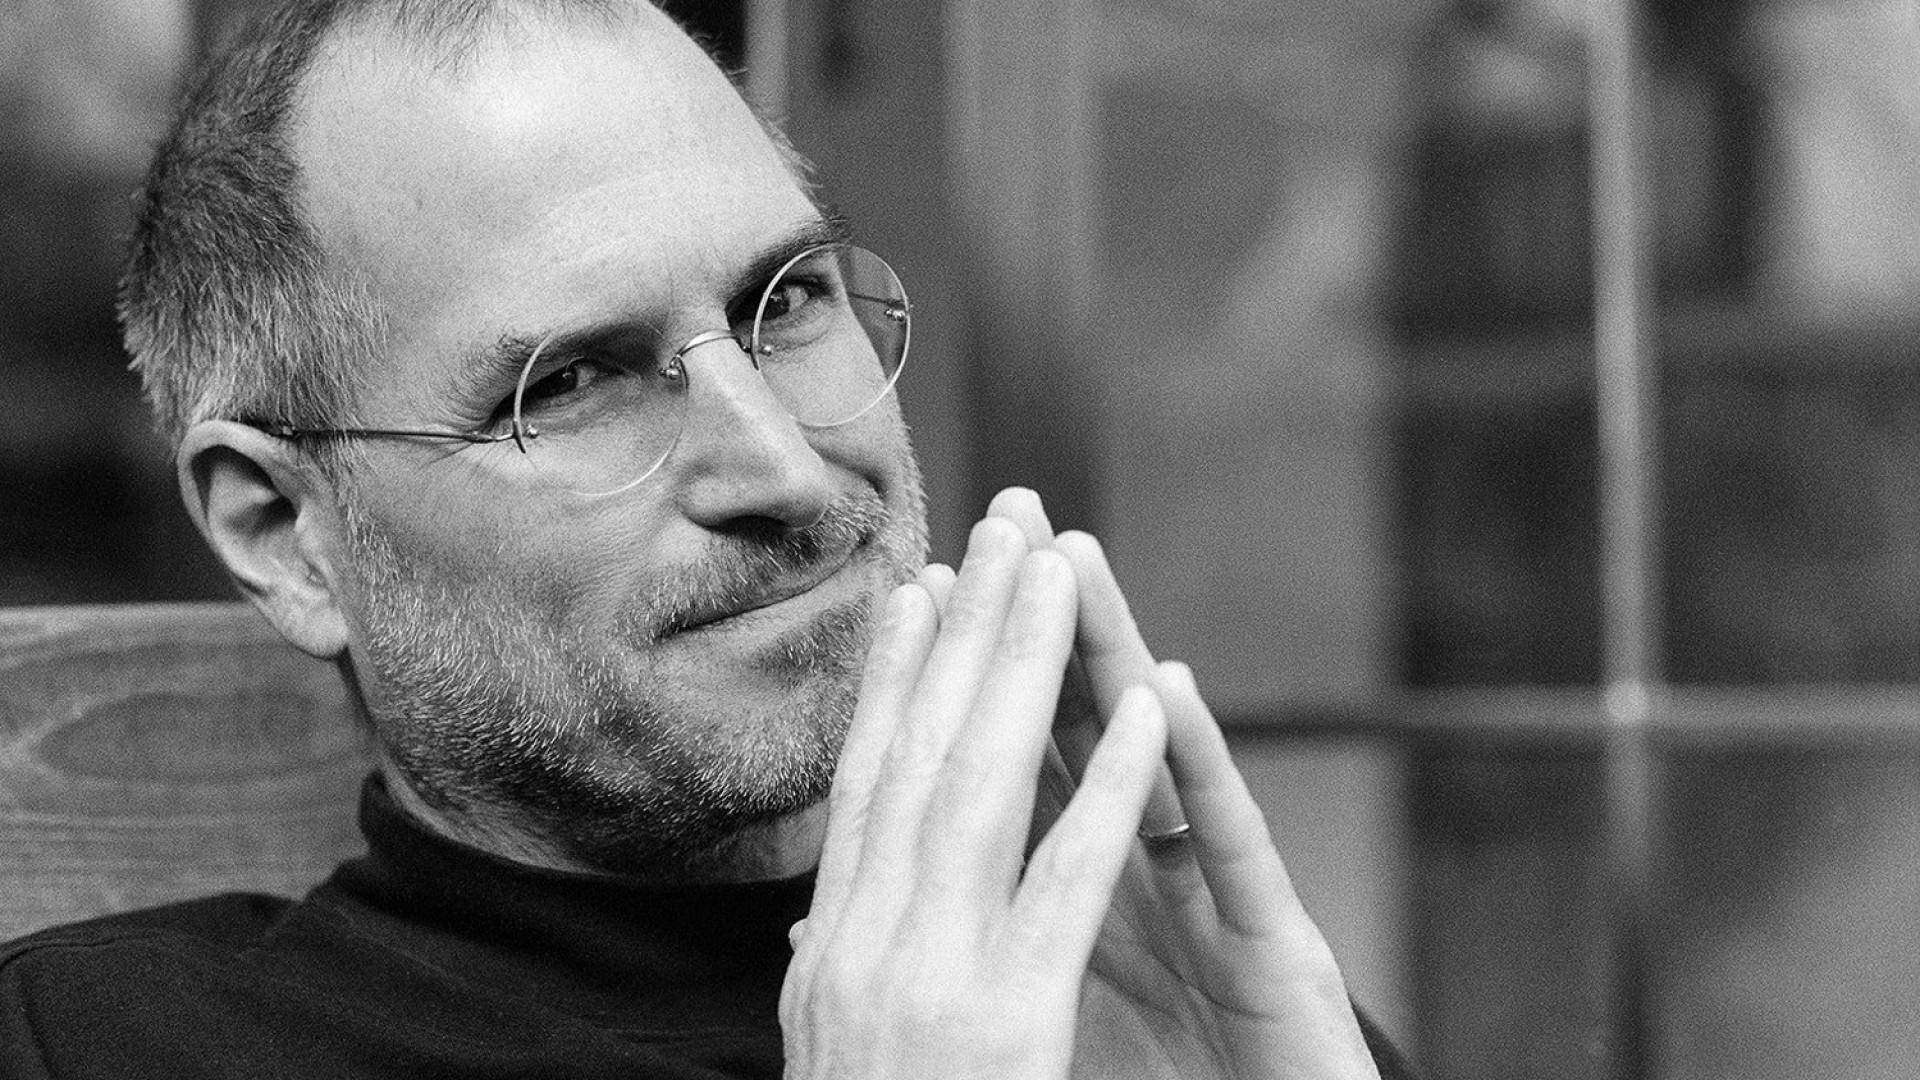 Arriva il trailer in italiano del nuovo film su Steve Jobs [VIDEO]